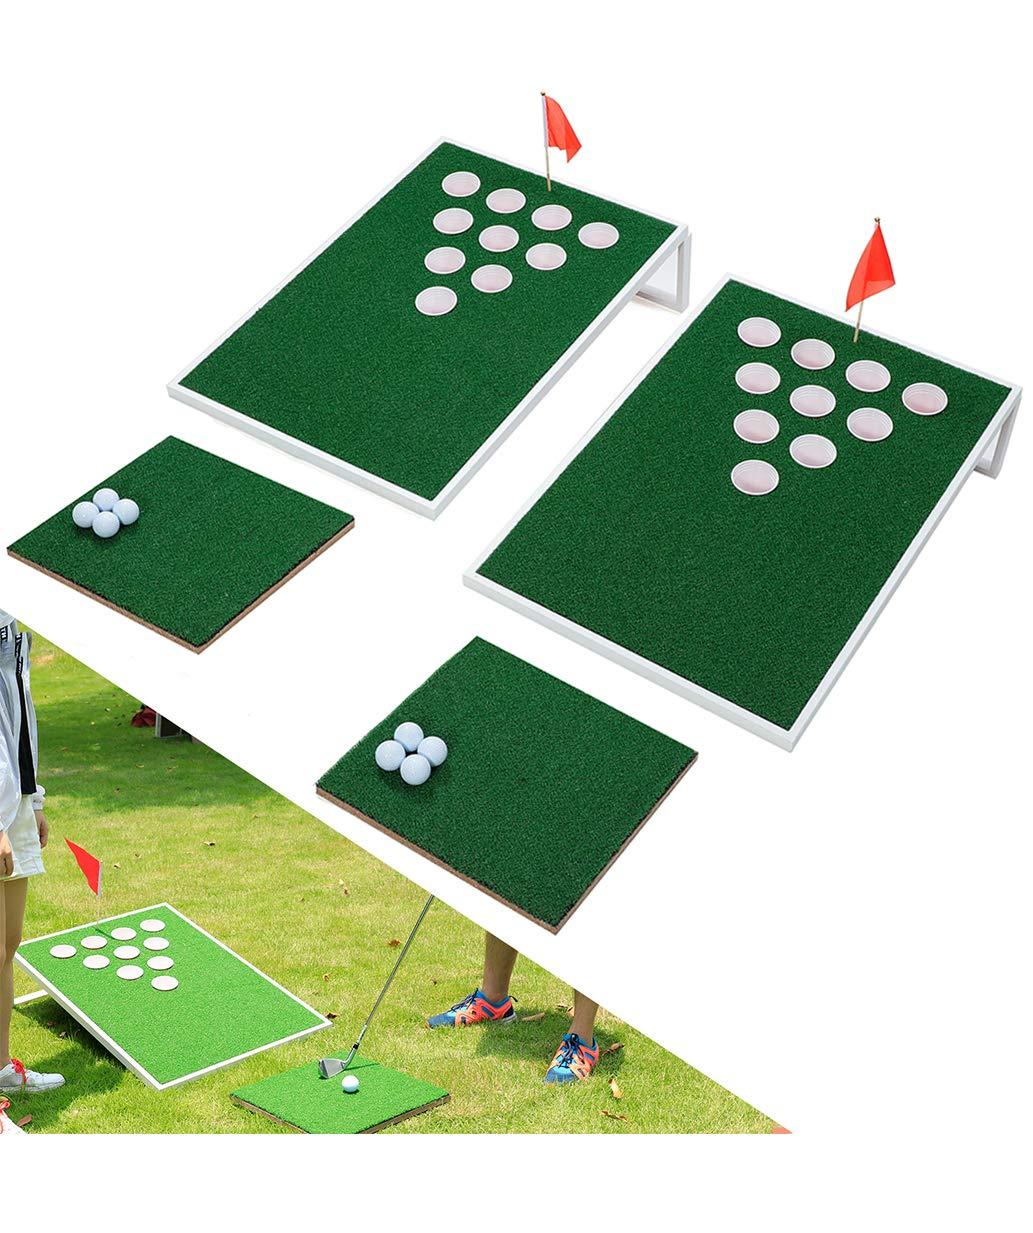 SPRAWL ゴルフポンセット - ボード - ゴルフ愛好家や初心者向けエキサイティングゲーム B07G7W87H8 レッド